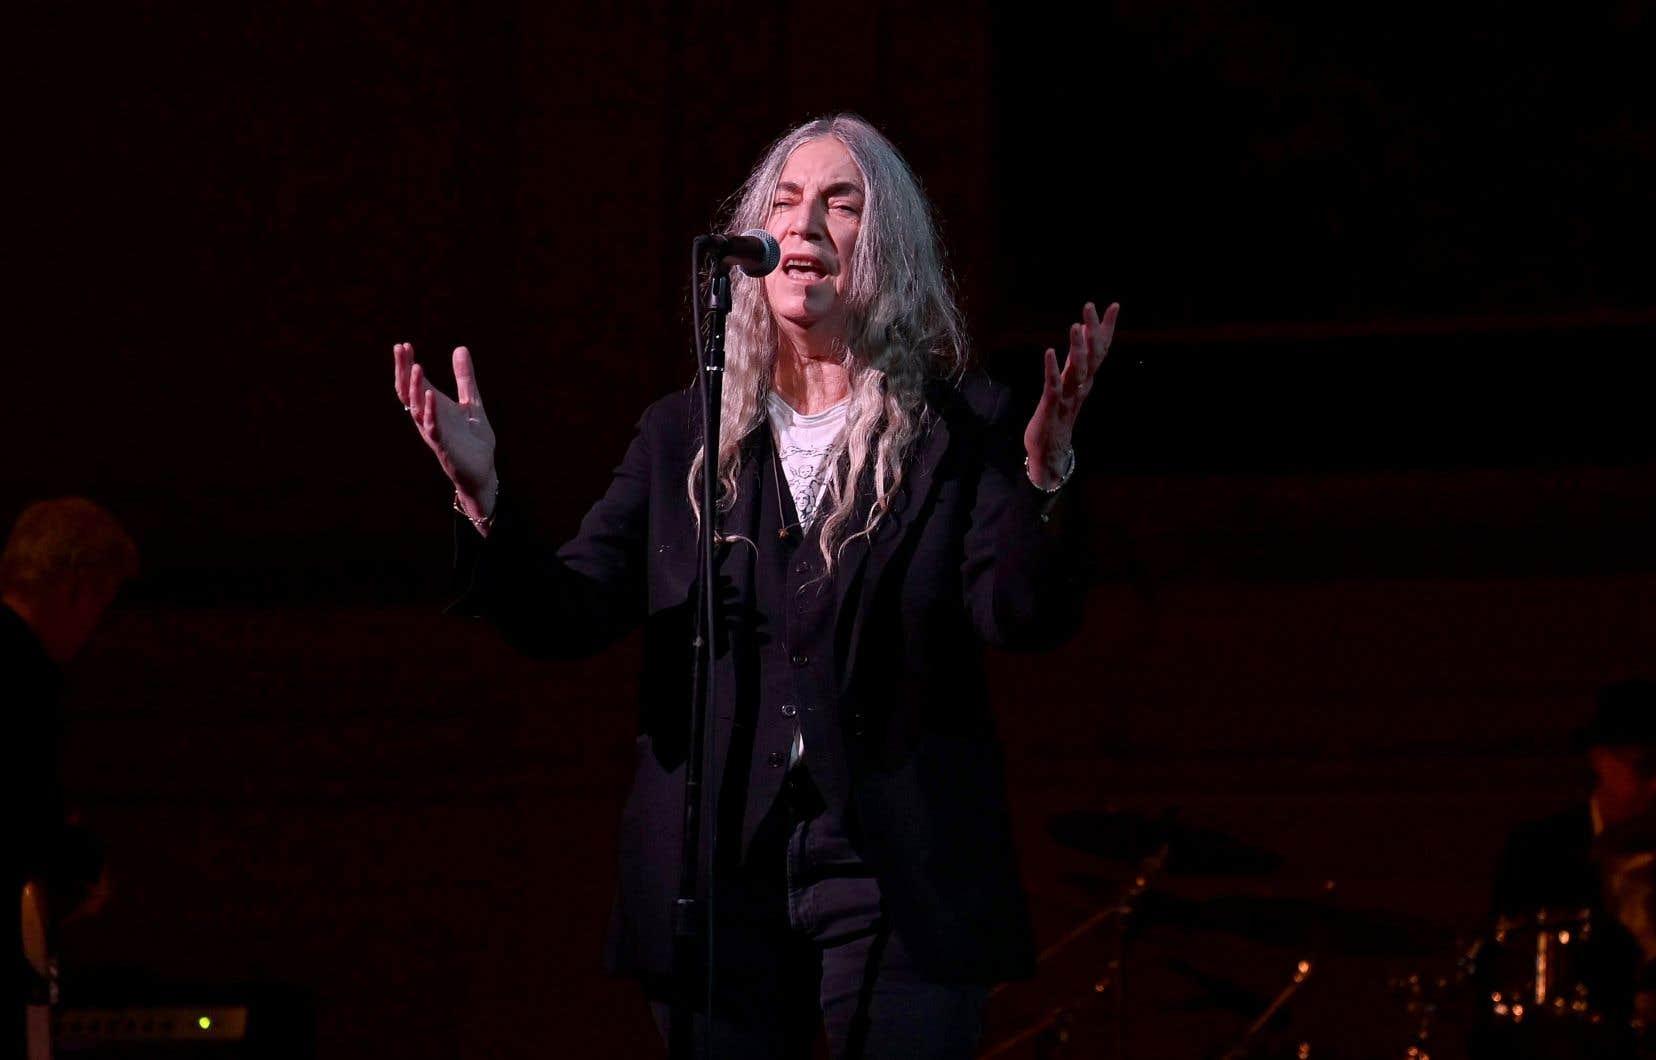 La chanteuse et poétesse Patti Smith participera à l'événement.